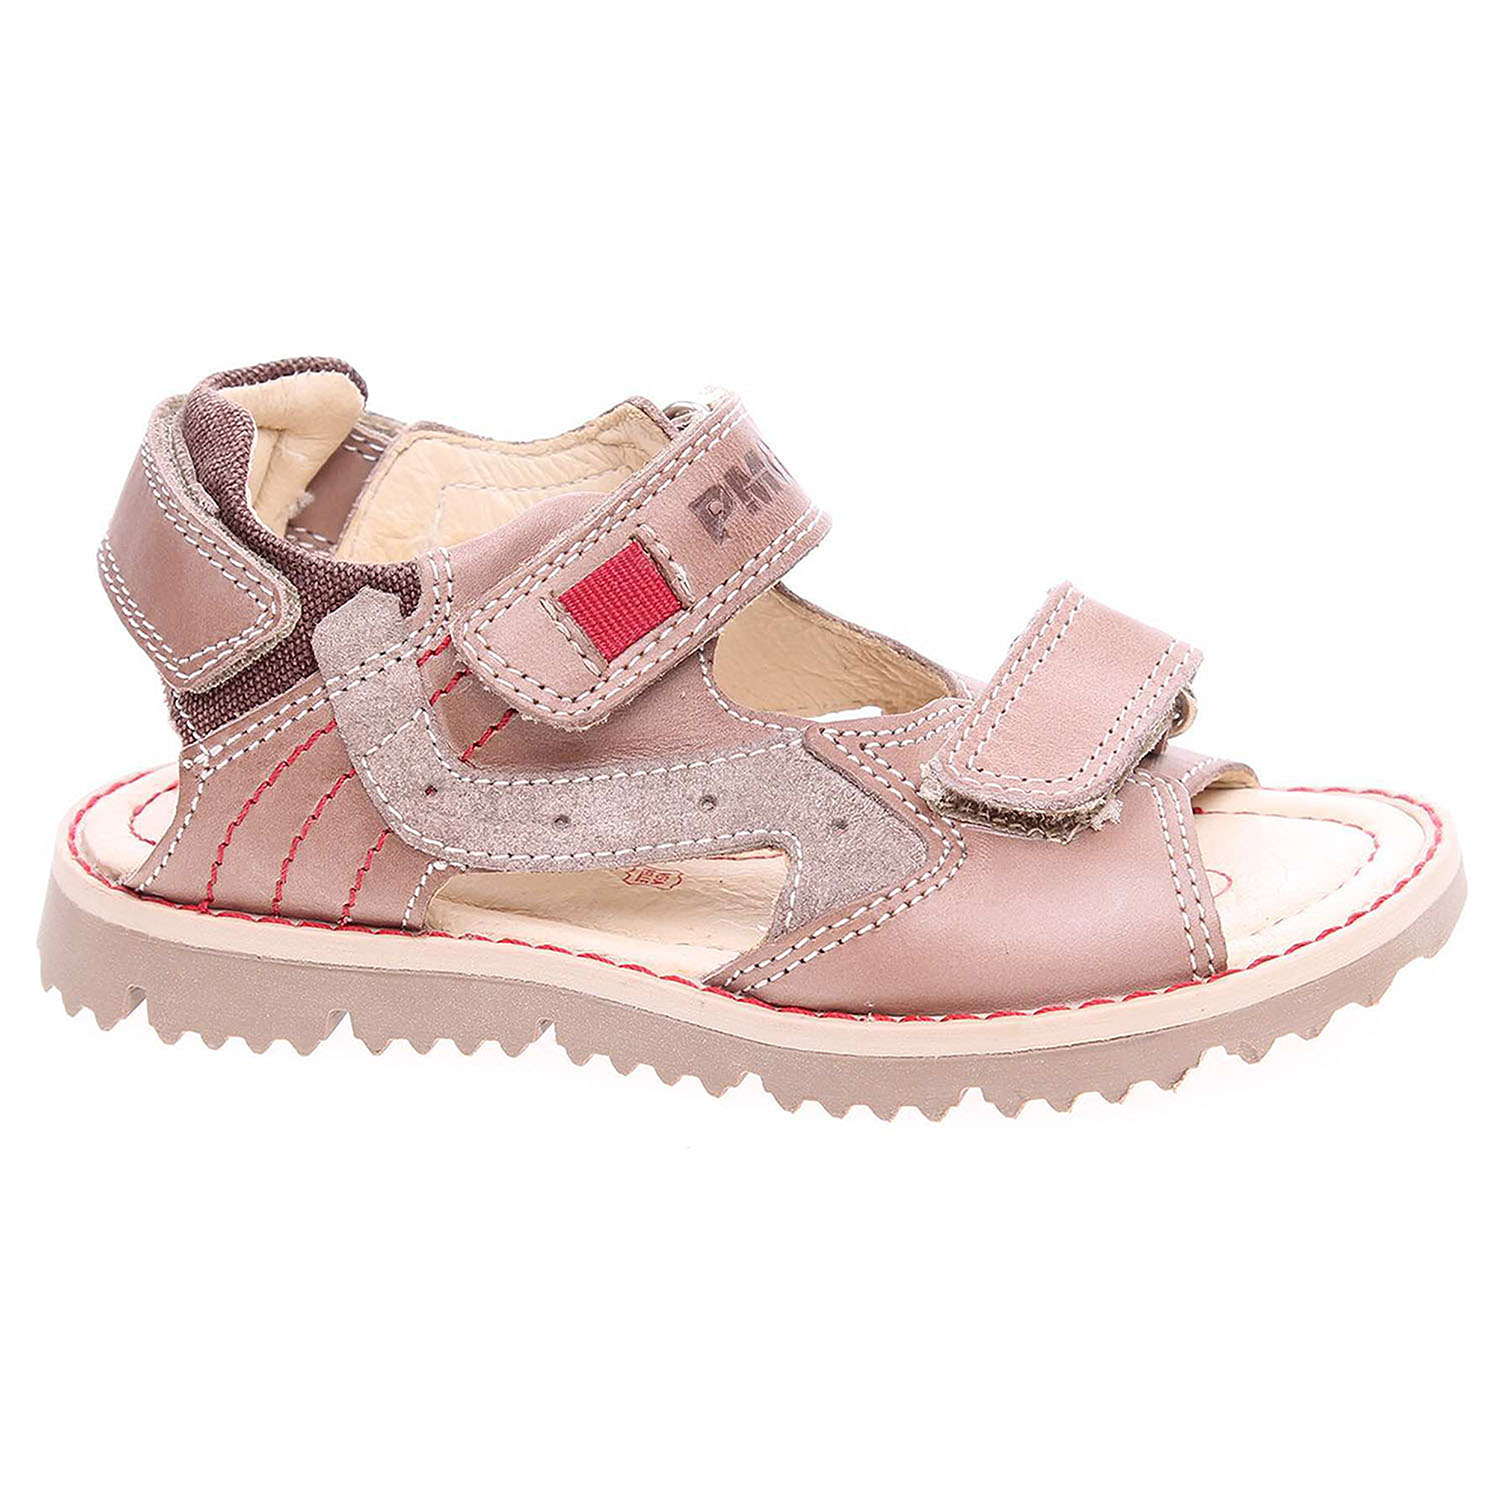 e973e2dfa60c Ecco Chlapecké sandály Primigi 7129300 hnědé 29300078